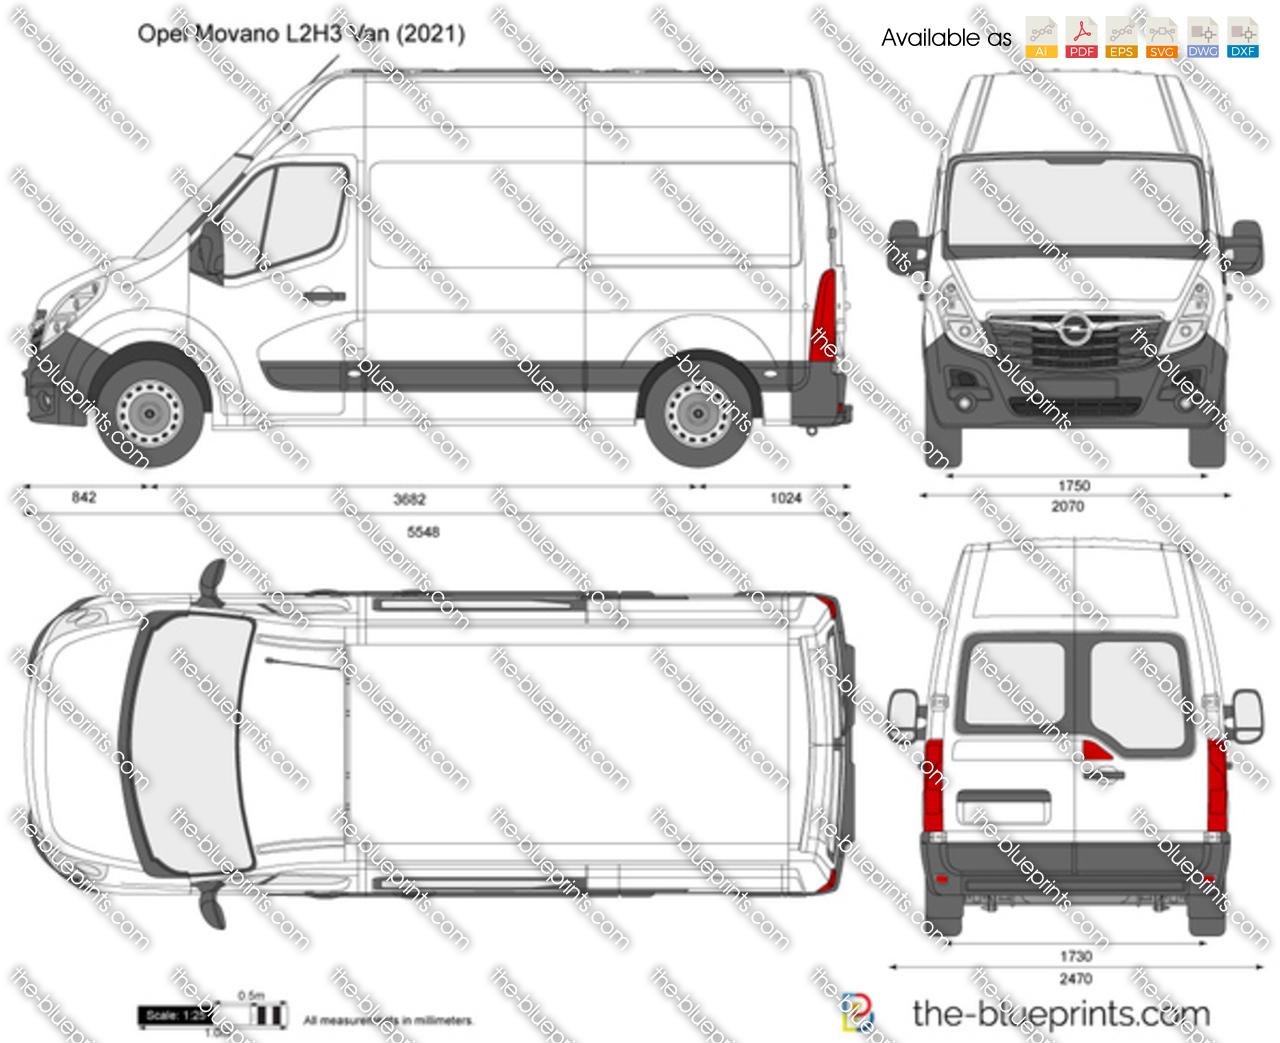 Opel Movano L2H3 Van